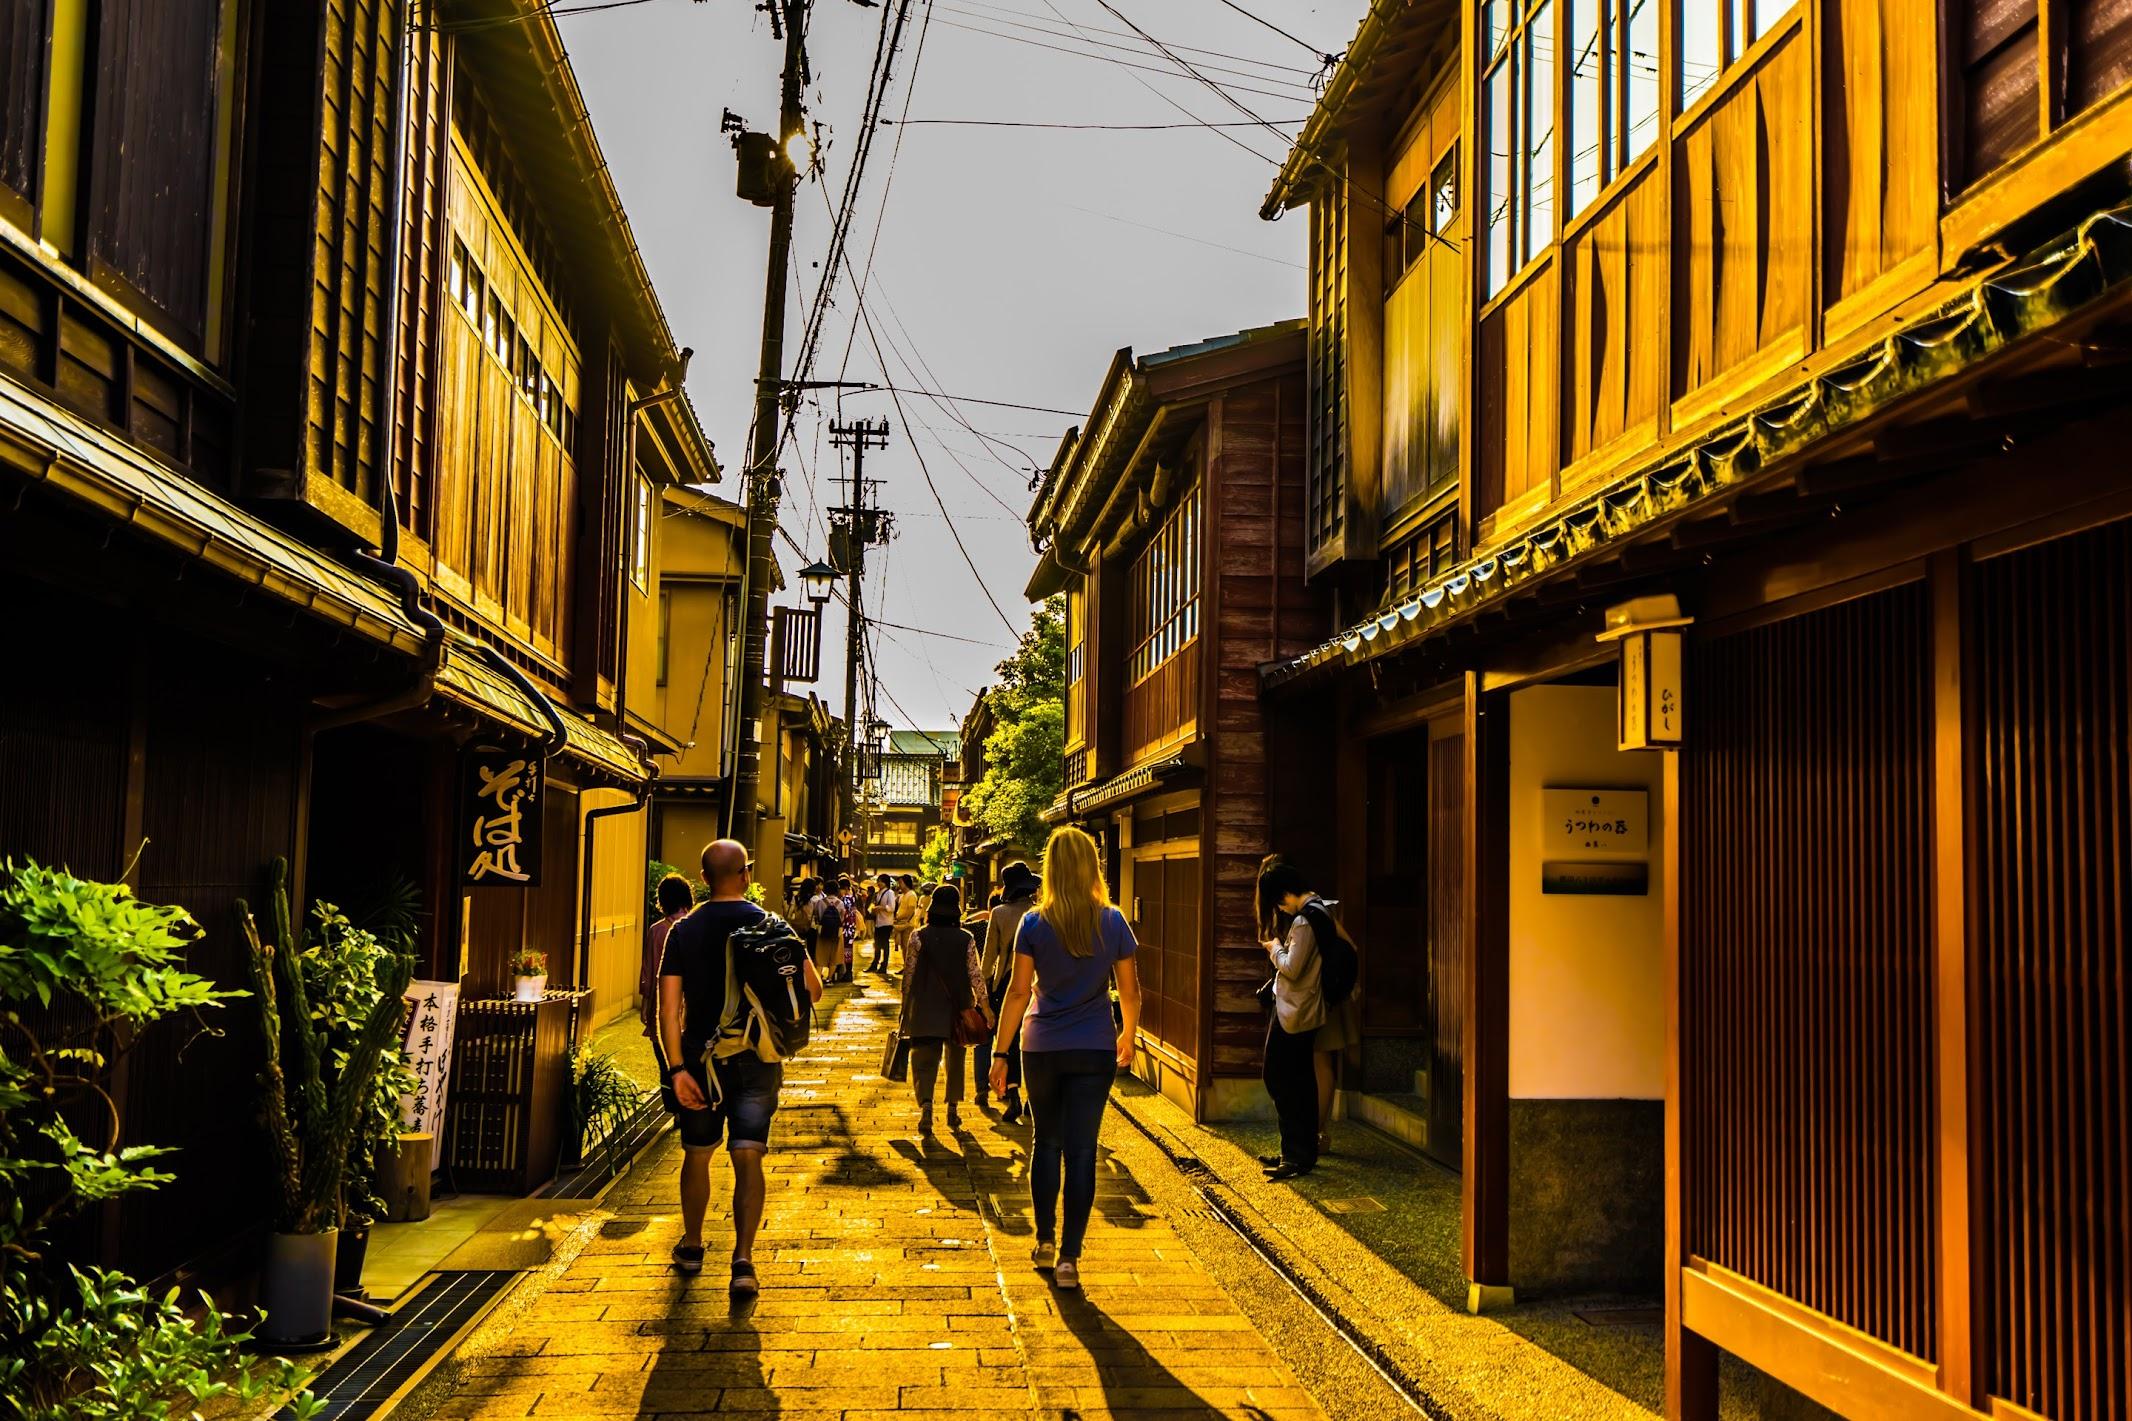 Kanazawa Higashi Chaya District3